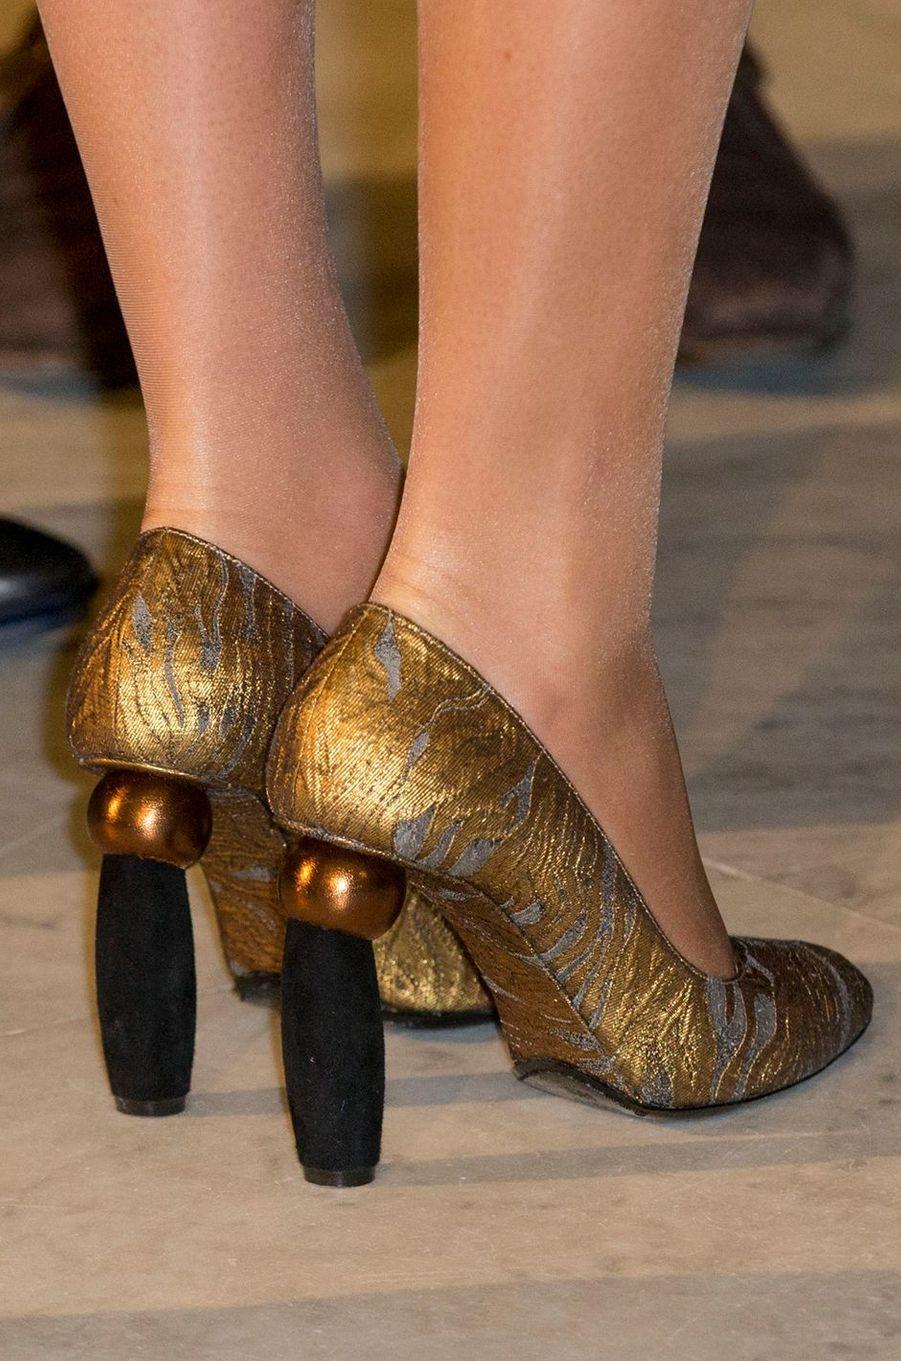 Les chaussures de la reine Mathilde de Belgique à Anvers, le 26 novembre 2016